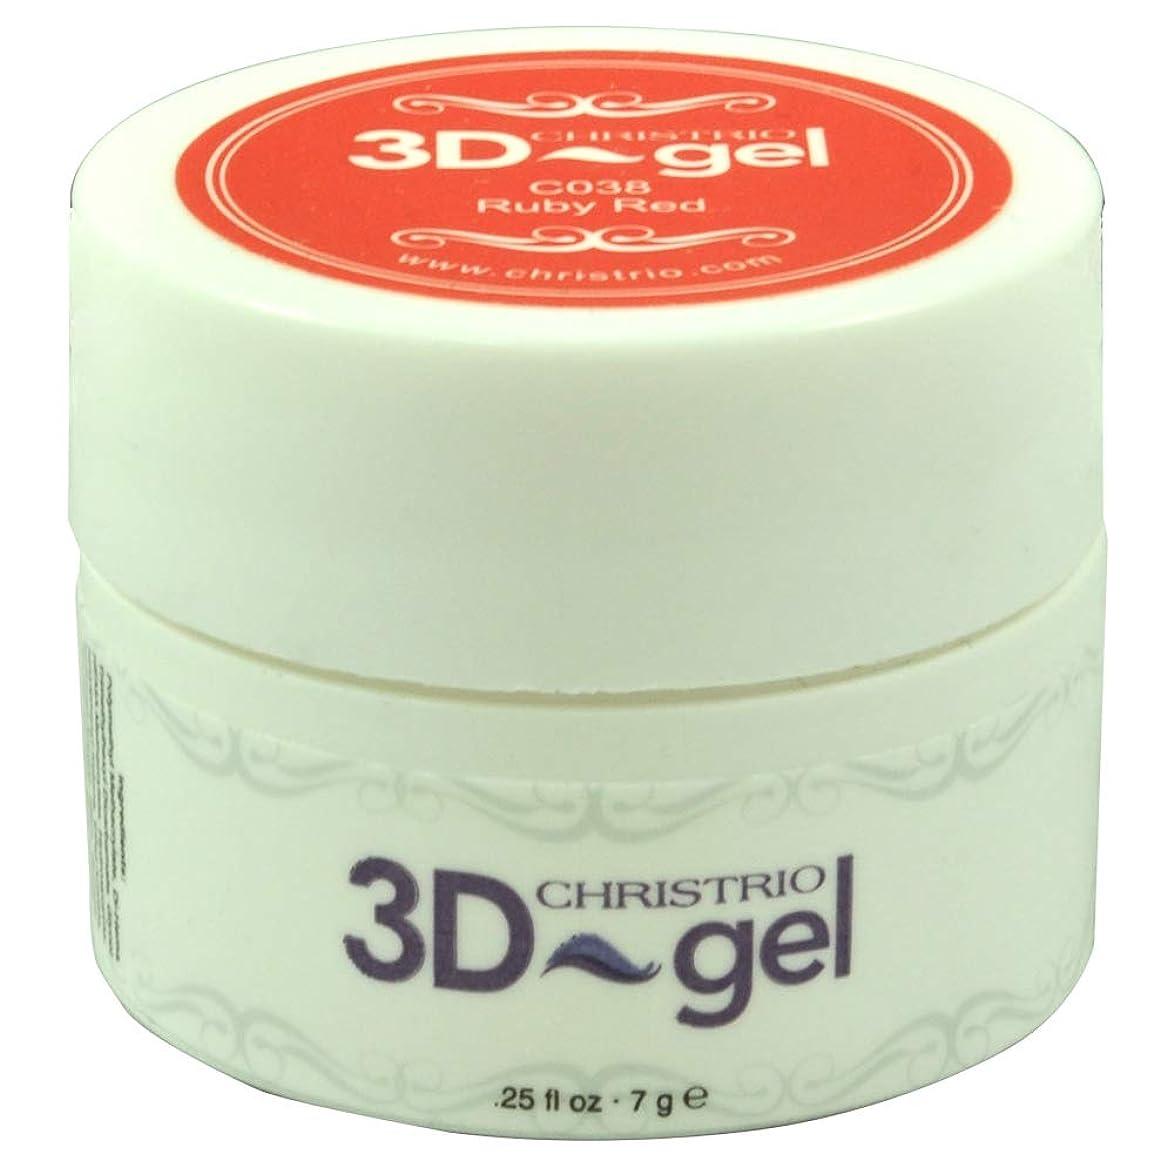 研究大臣単語CHRISTRIO 3Dジェル 7g C038 ルビーレッド